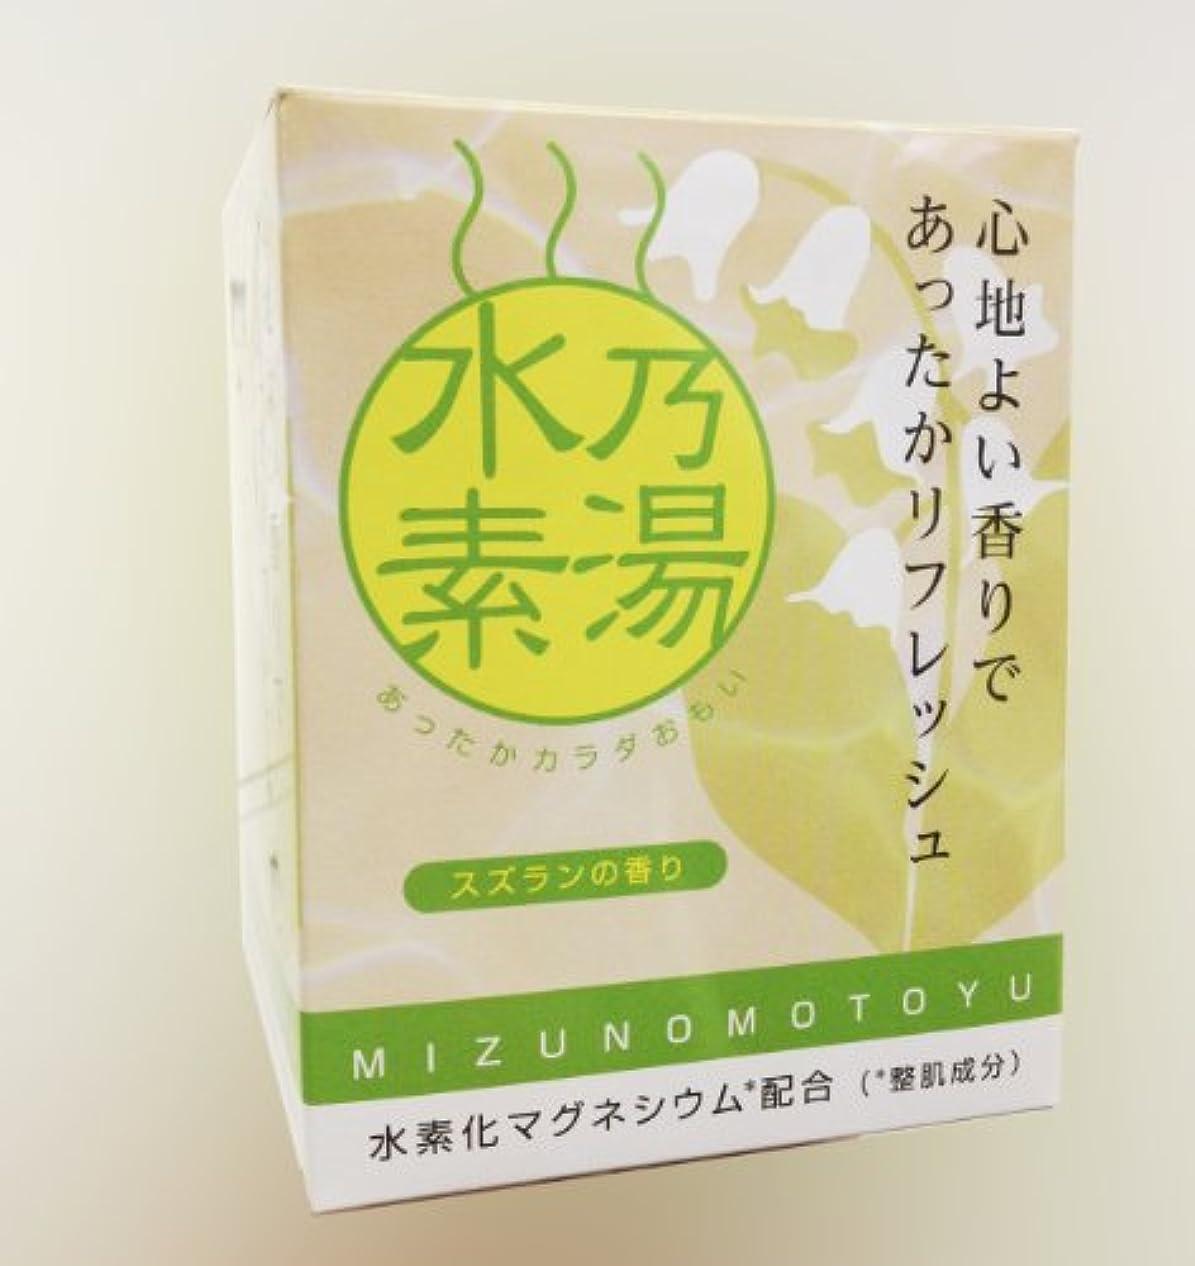 測るドライシーサイド水乃素湯 水素化マグネシウムを使った入浴化粧料